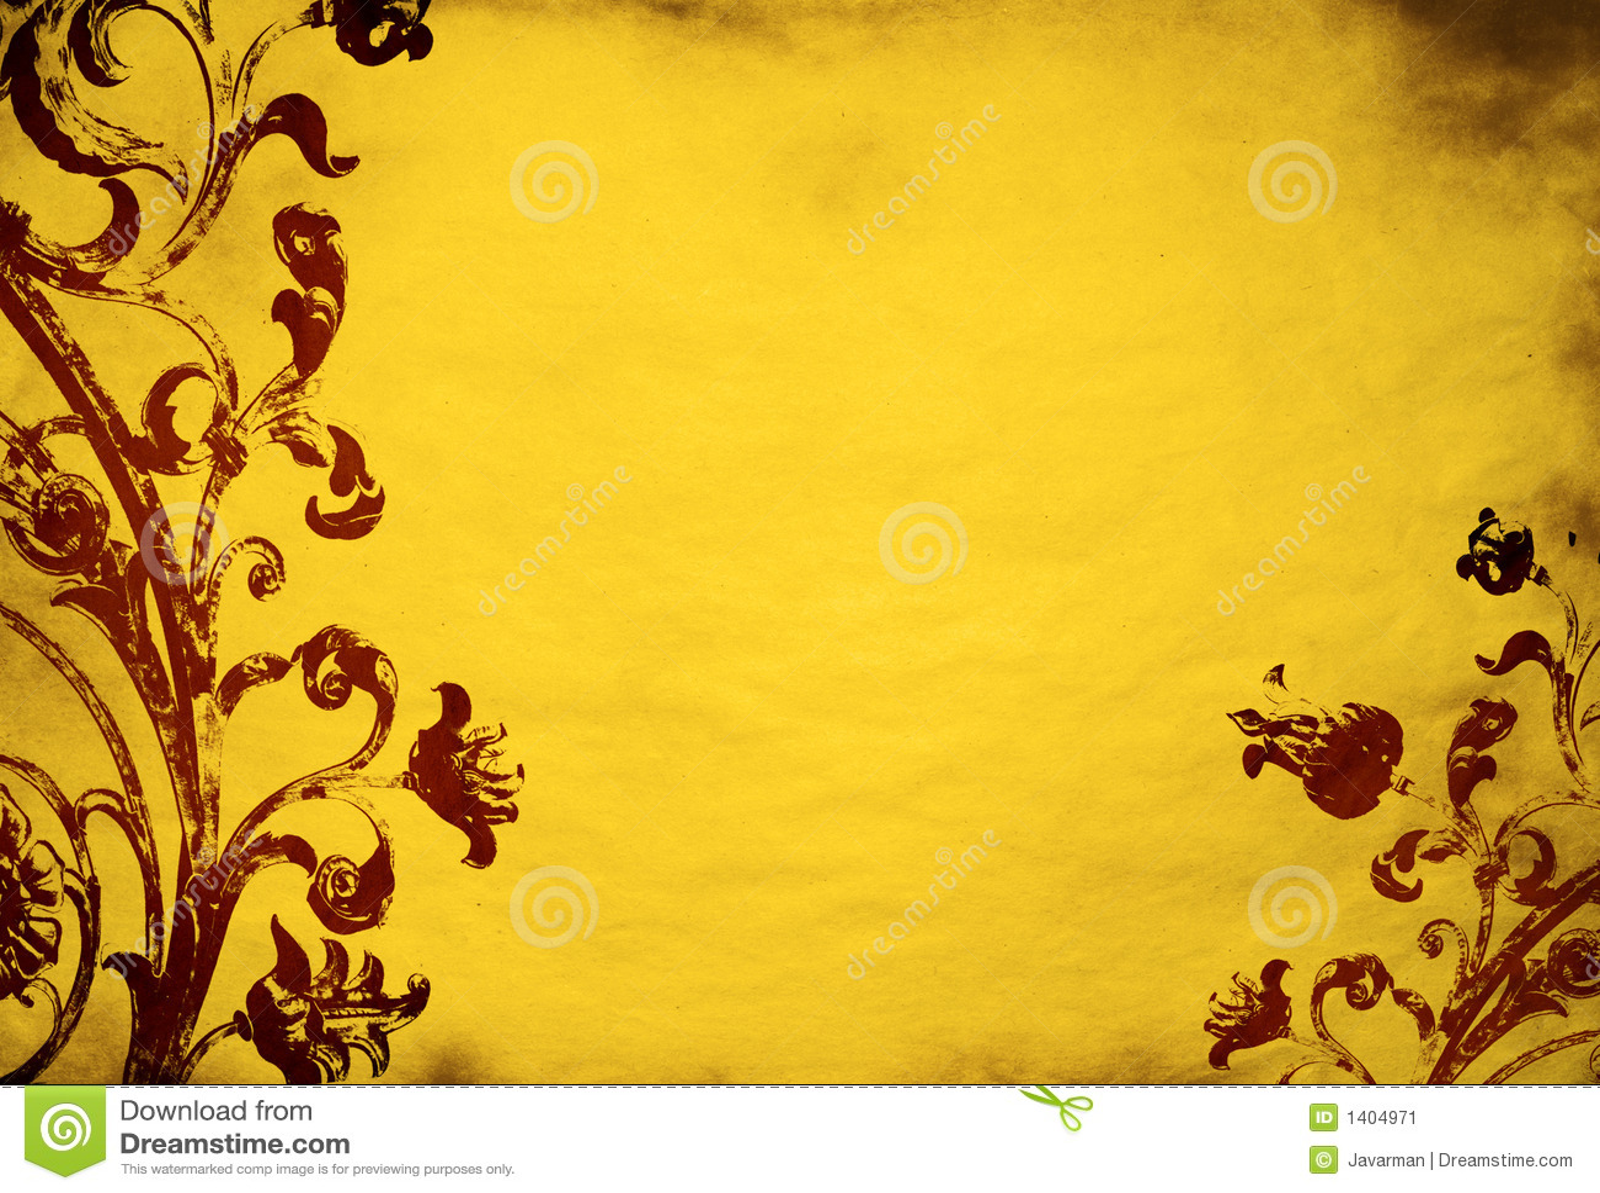 Black Wallpaper Border Floral Grunge Background Stock Illustration Illustration